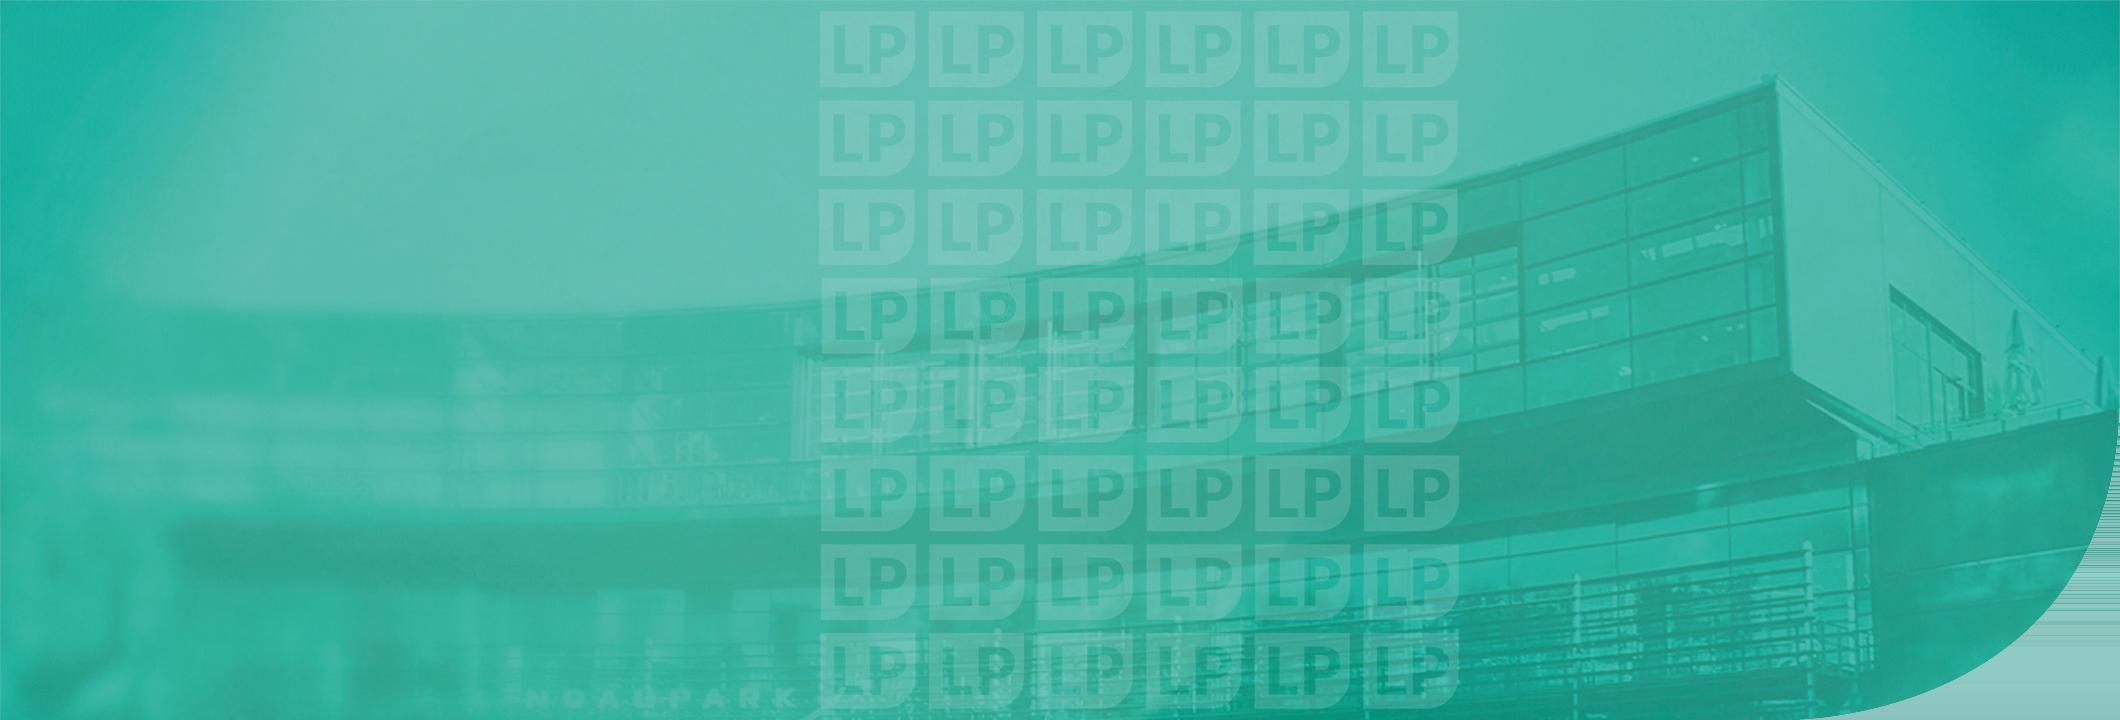 Lindaupark